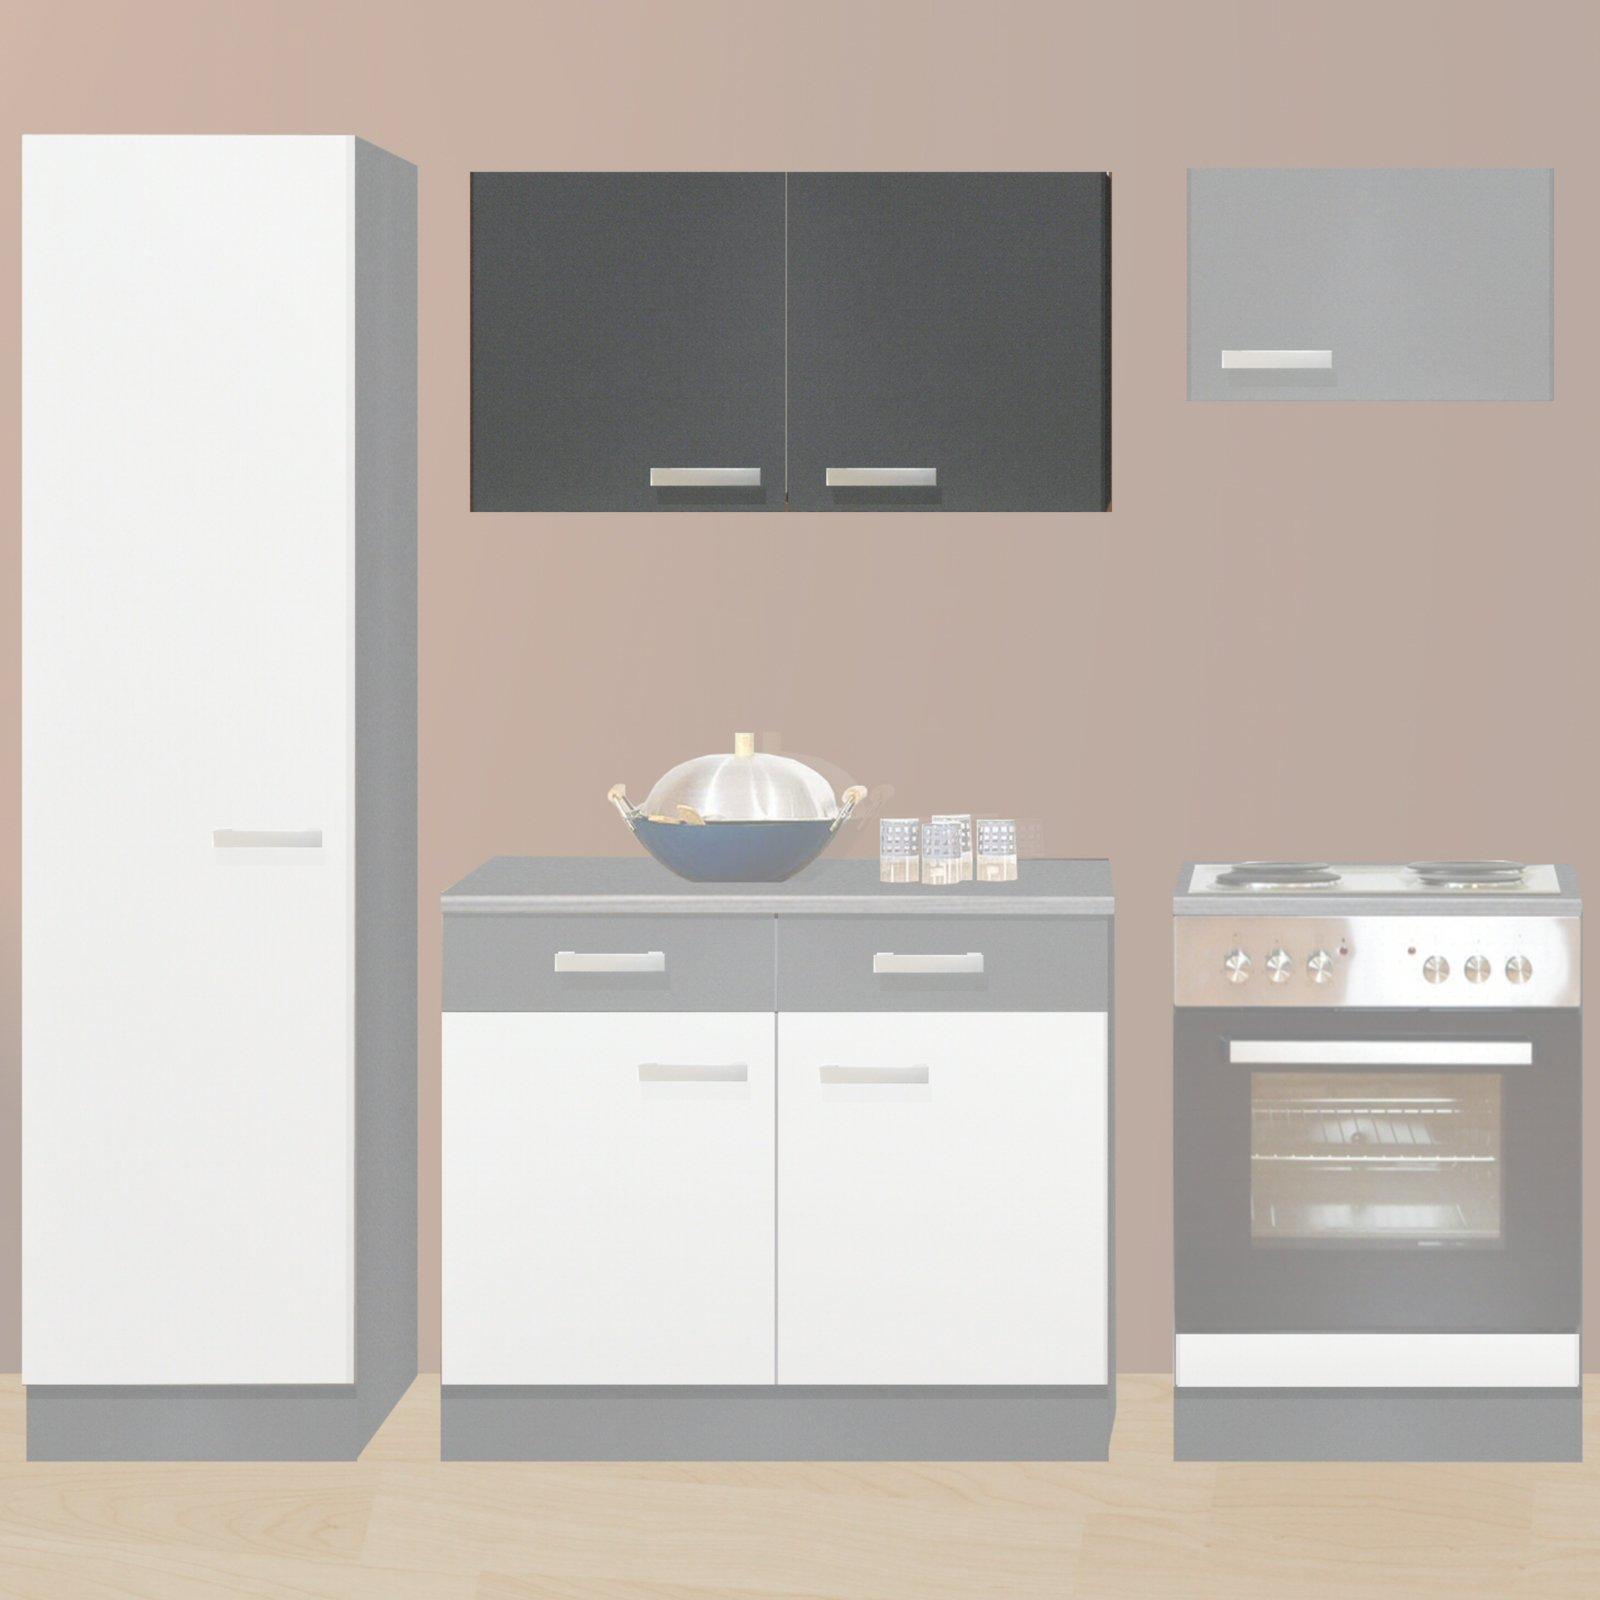 Hängeschränke günstig bei ROLLER kaufen - Große Auswahl Oberschränke